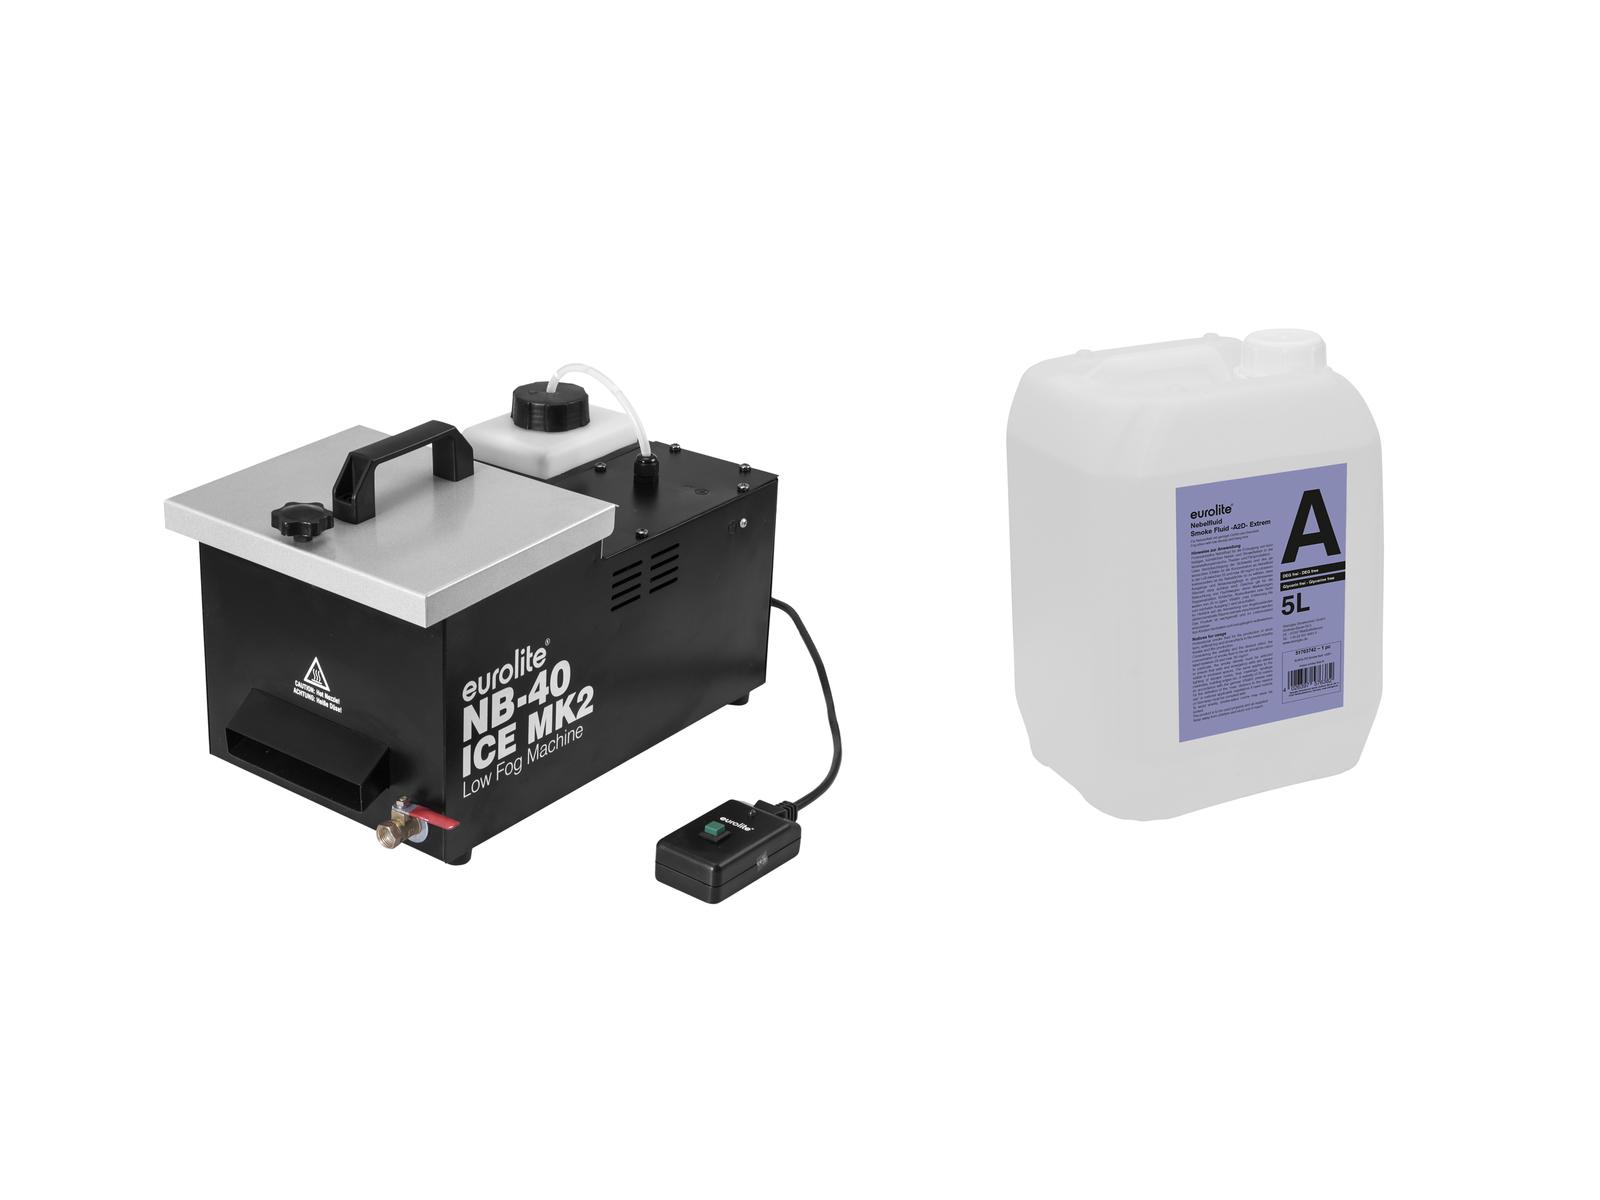 EUROLITE Set NB-40 MK2 + Smoke Fluid -A2D - 5l